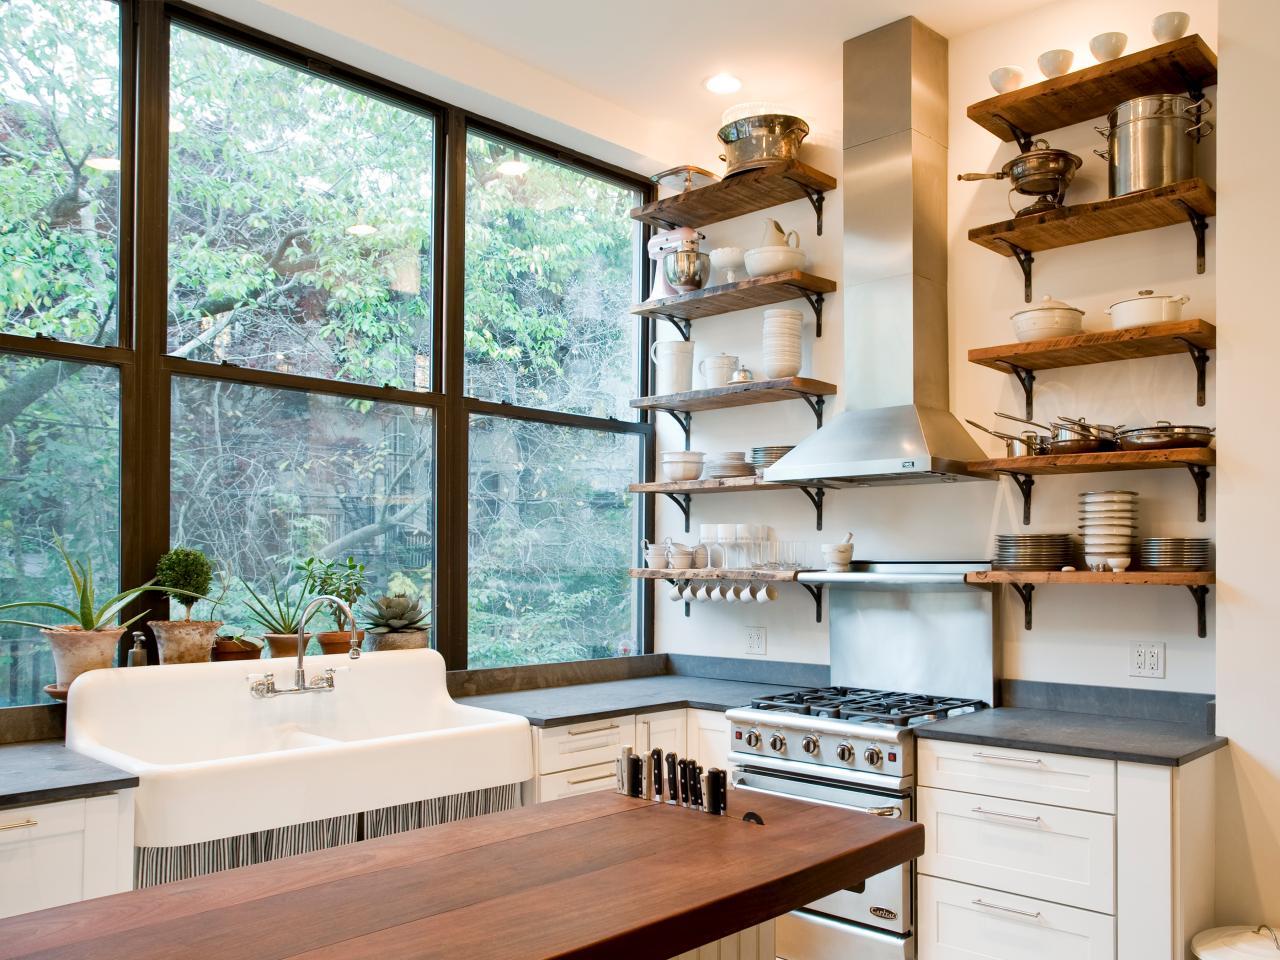 10 идей для маленькой кухни - фото